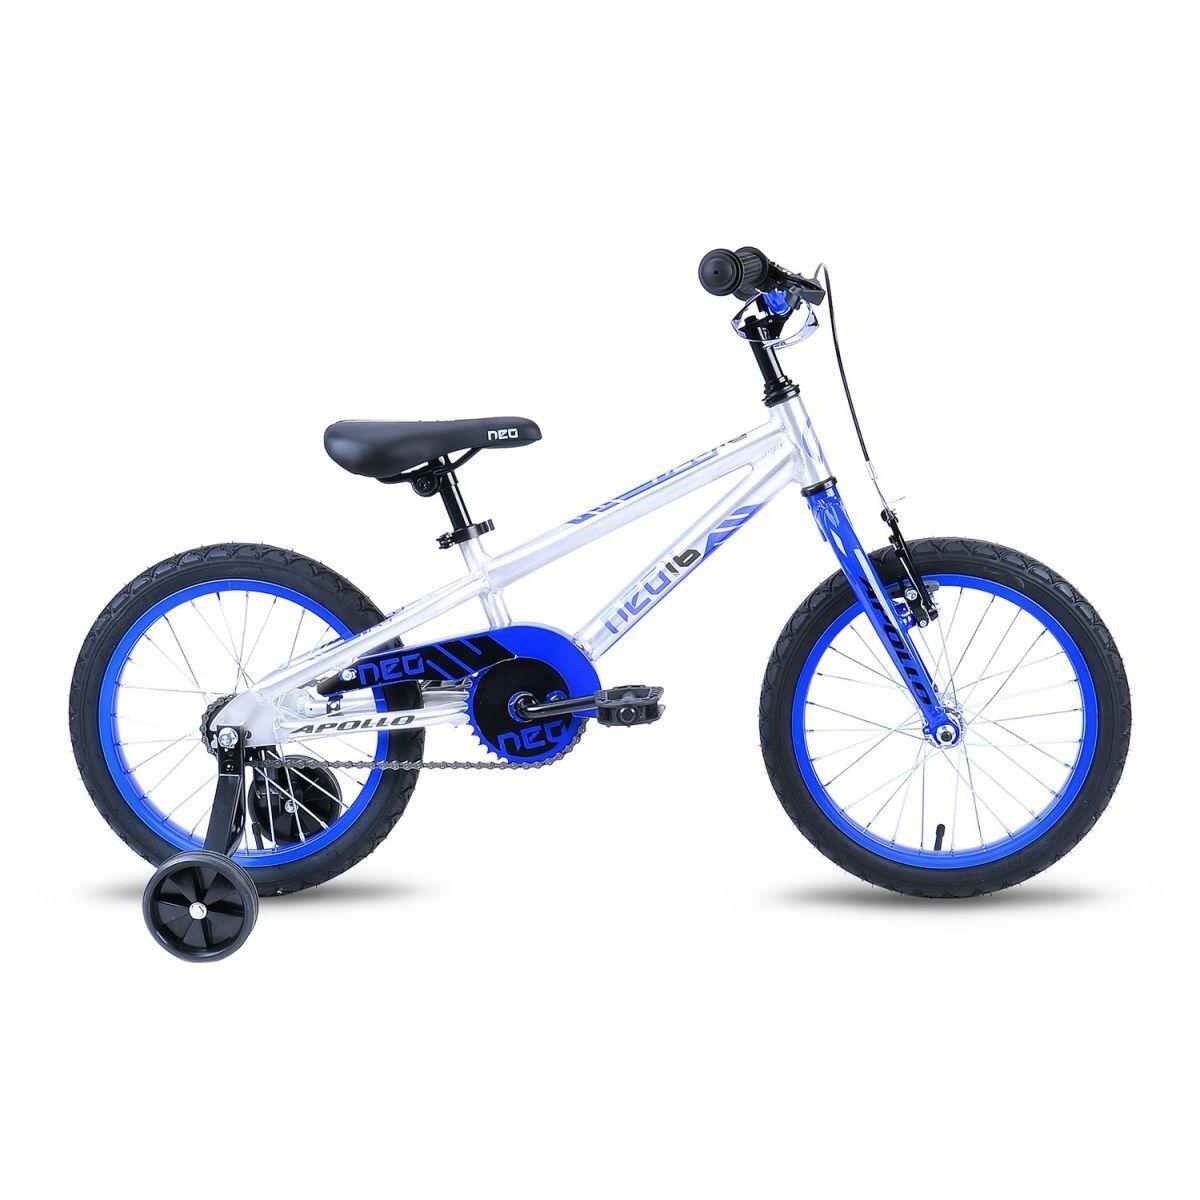 Детский велосипед Apollo Neo